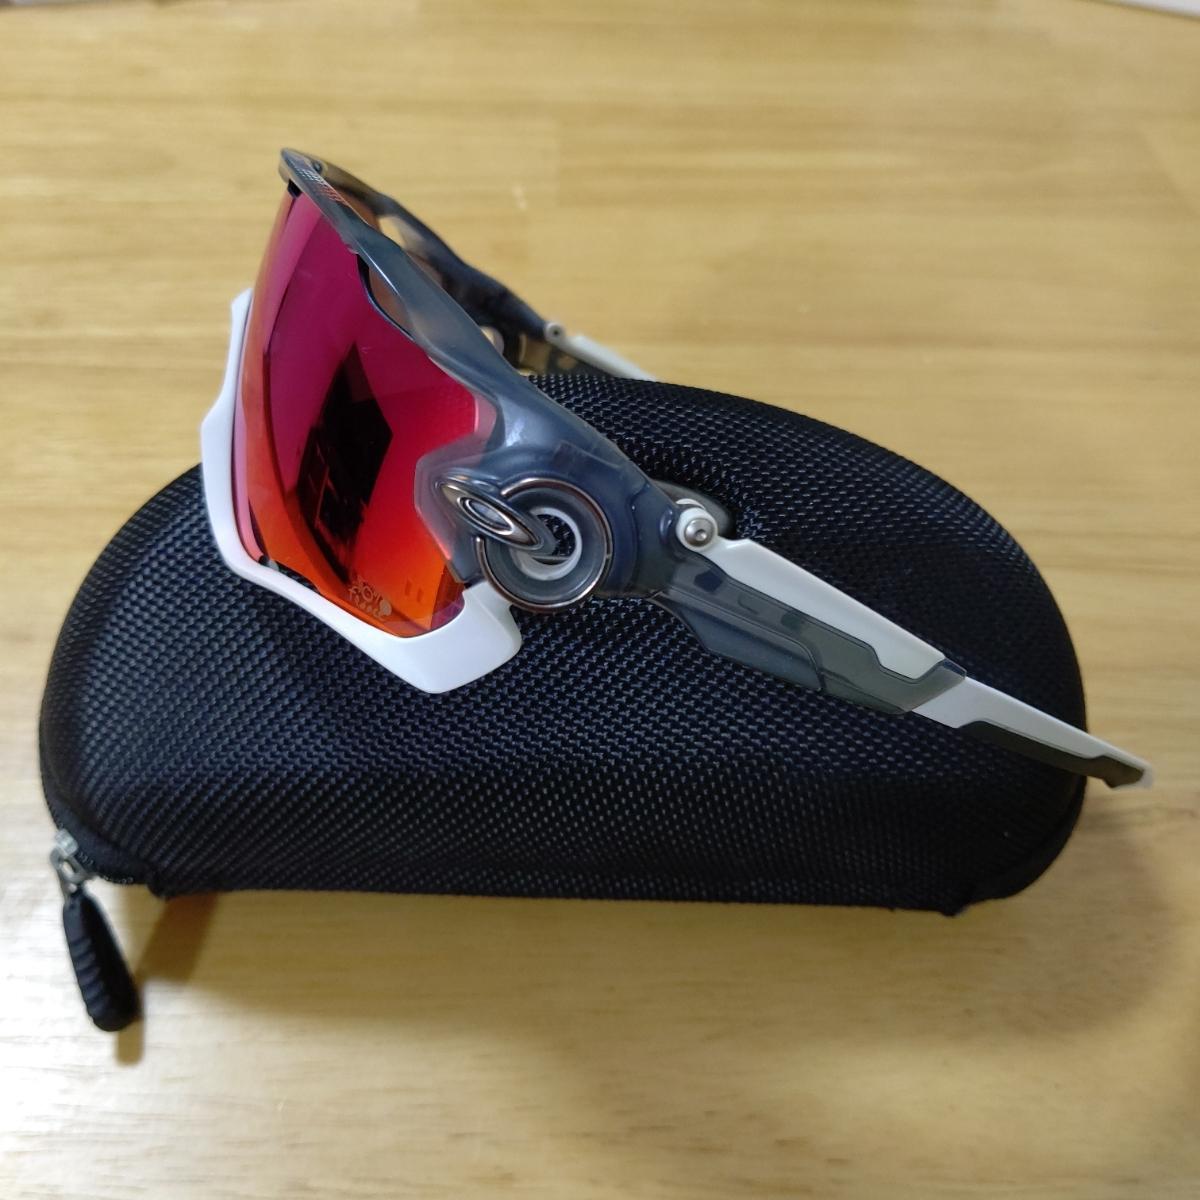 【送料無料】OAKLEY オークリー JAWBREAKER ツール・ド・フランス限定モデル 交換レンズ付き【中古】_画像3